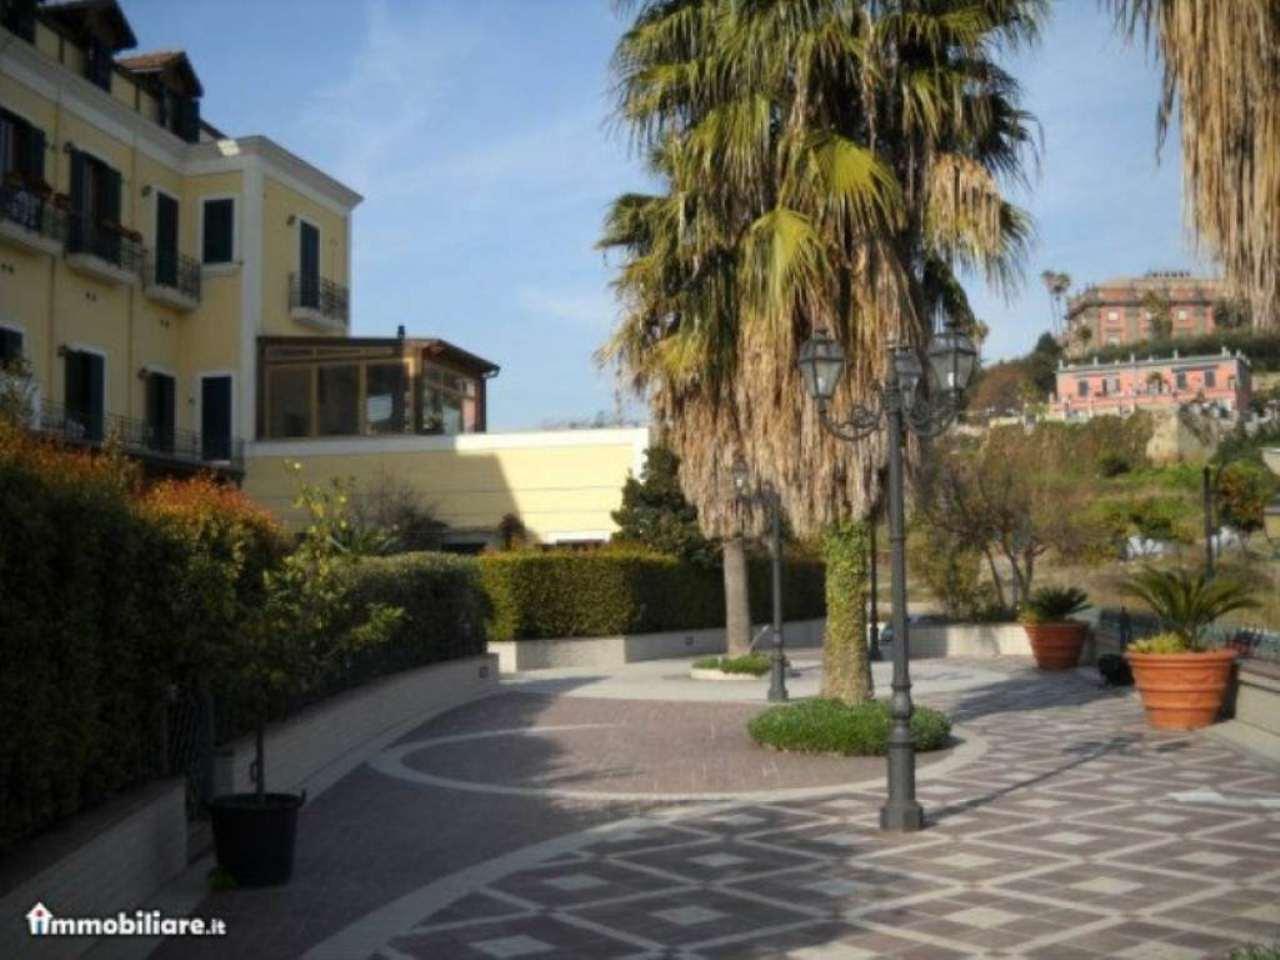 Attico / Mansarda in vendita a Napoli, 5 locali, zona Zona: 3 . San Carlo all'Arena, Stella, Capodimonte, Colli Arinei, prezzo € 580.000 | Cambio Casa.it